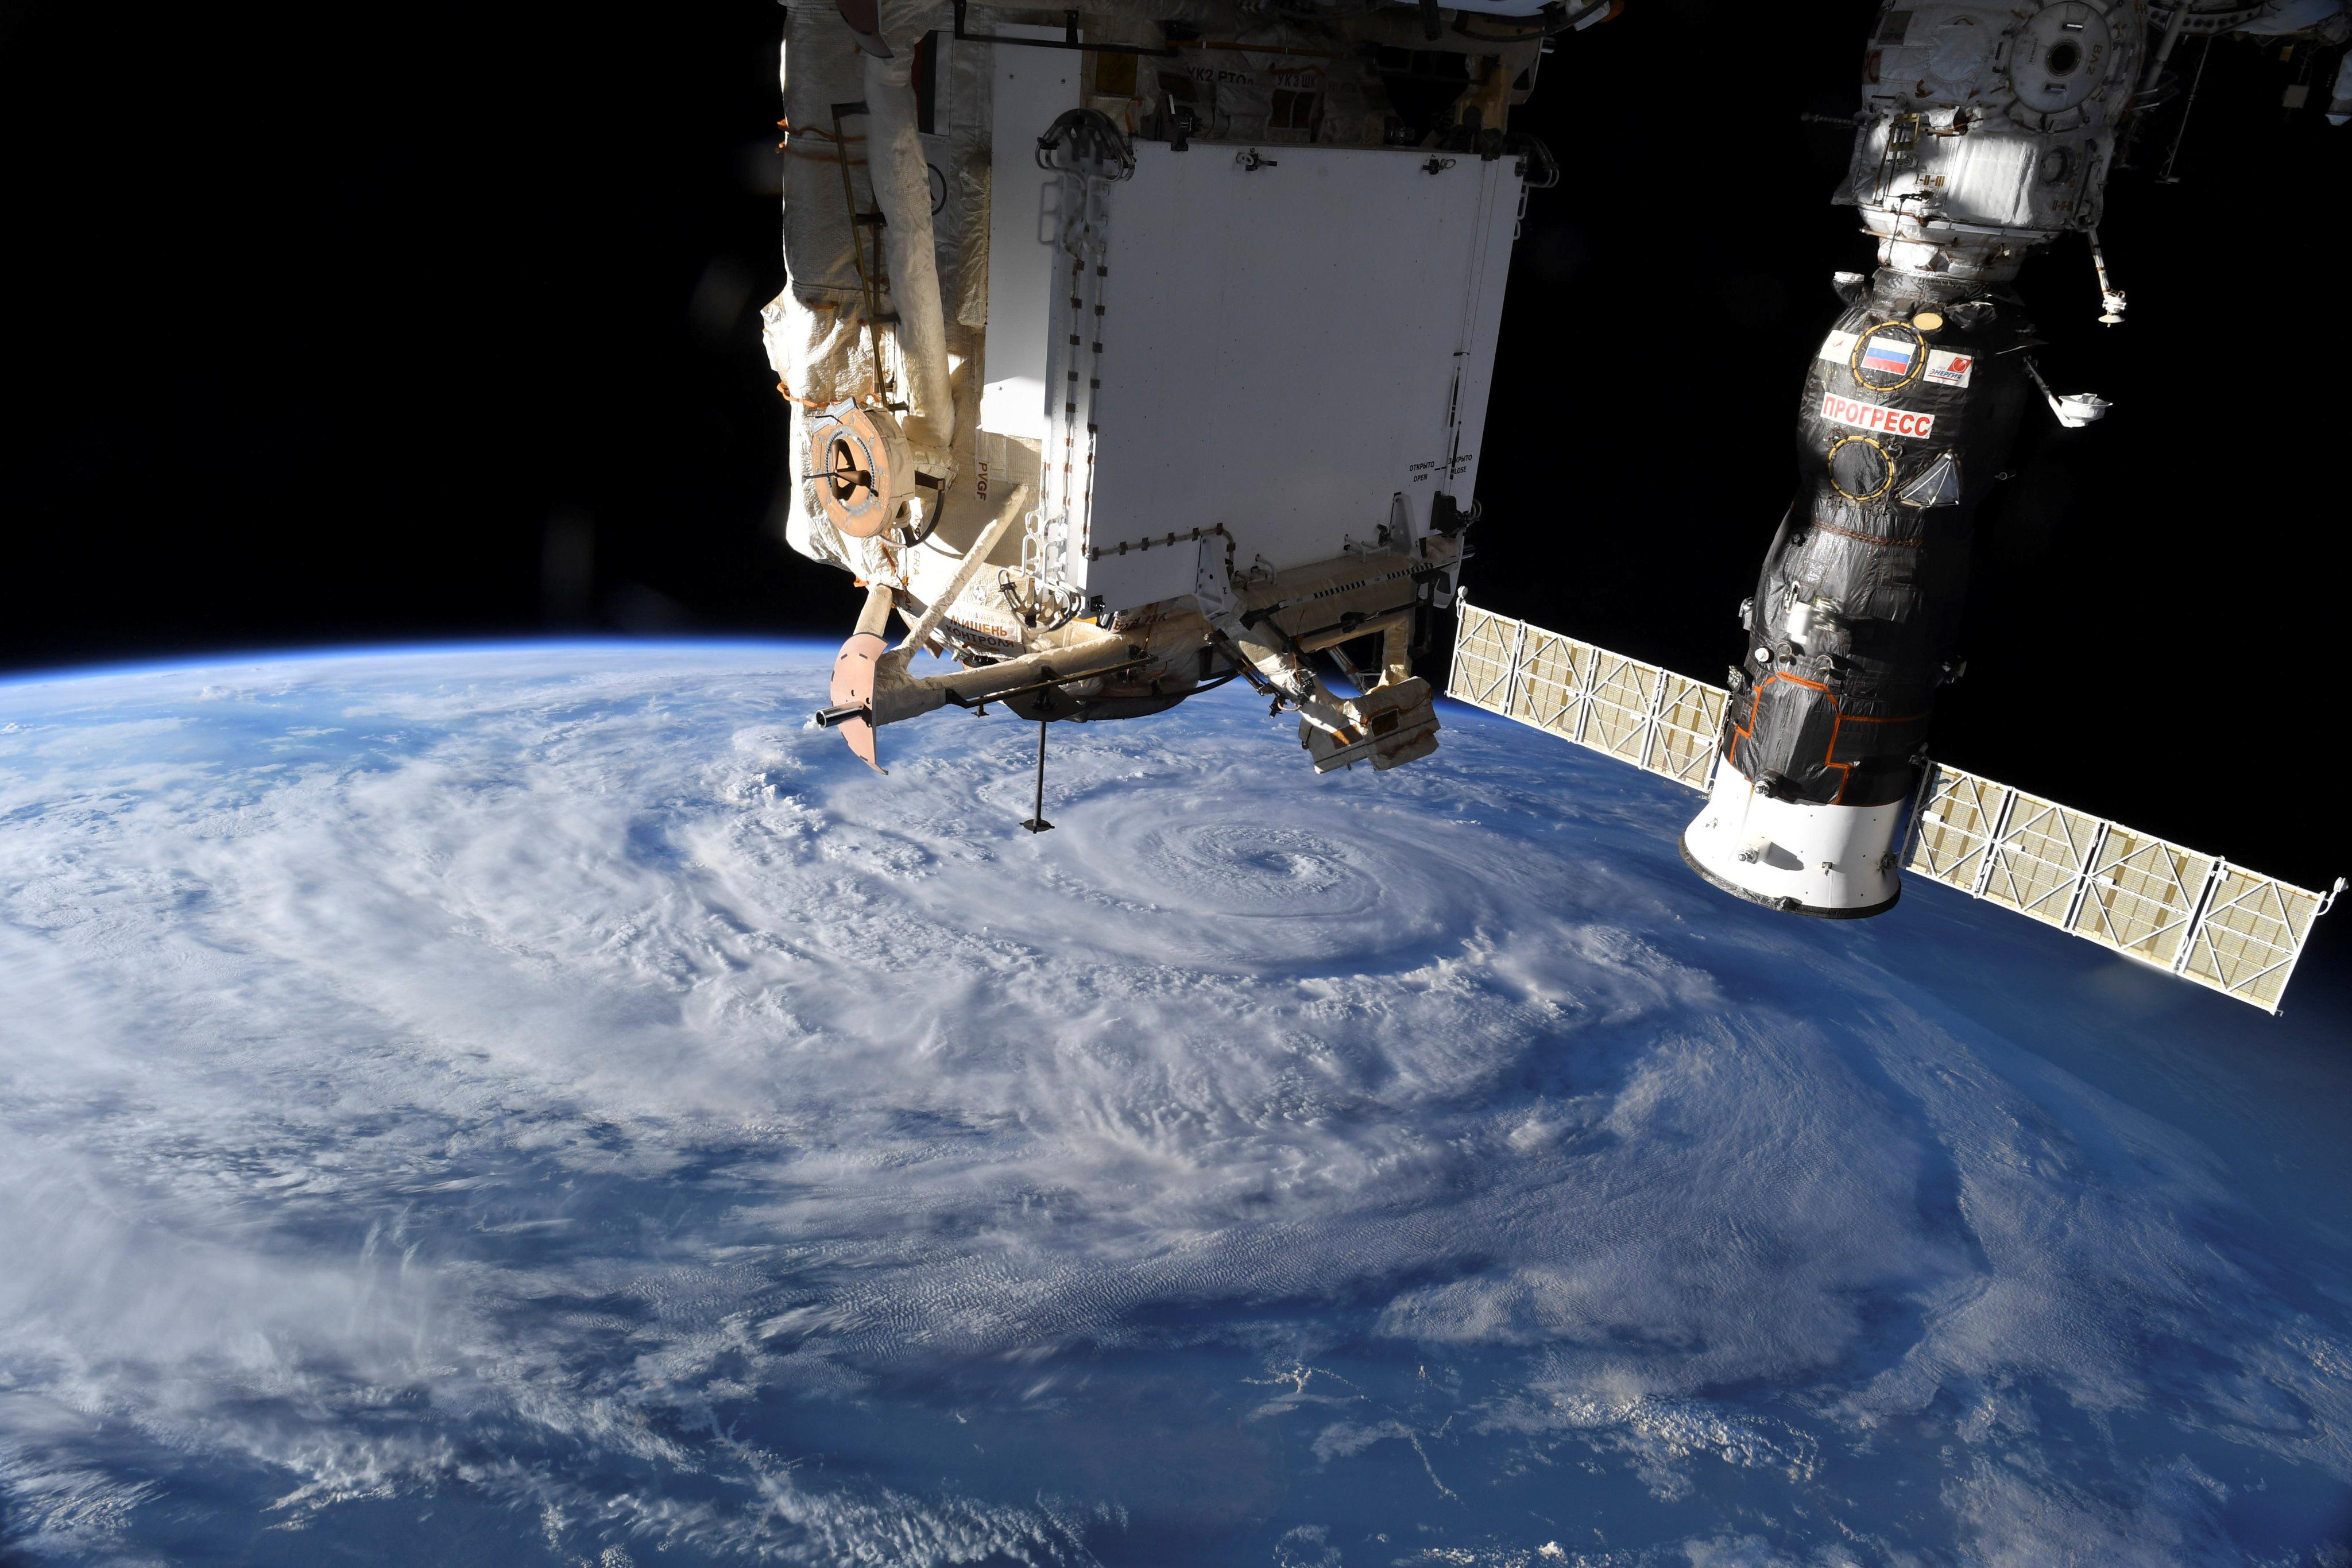 Утечку воздуха в российском модуле МКС пообещали вскоре устранить